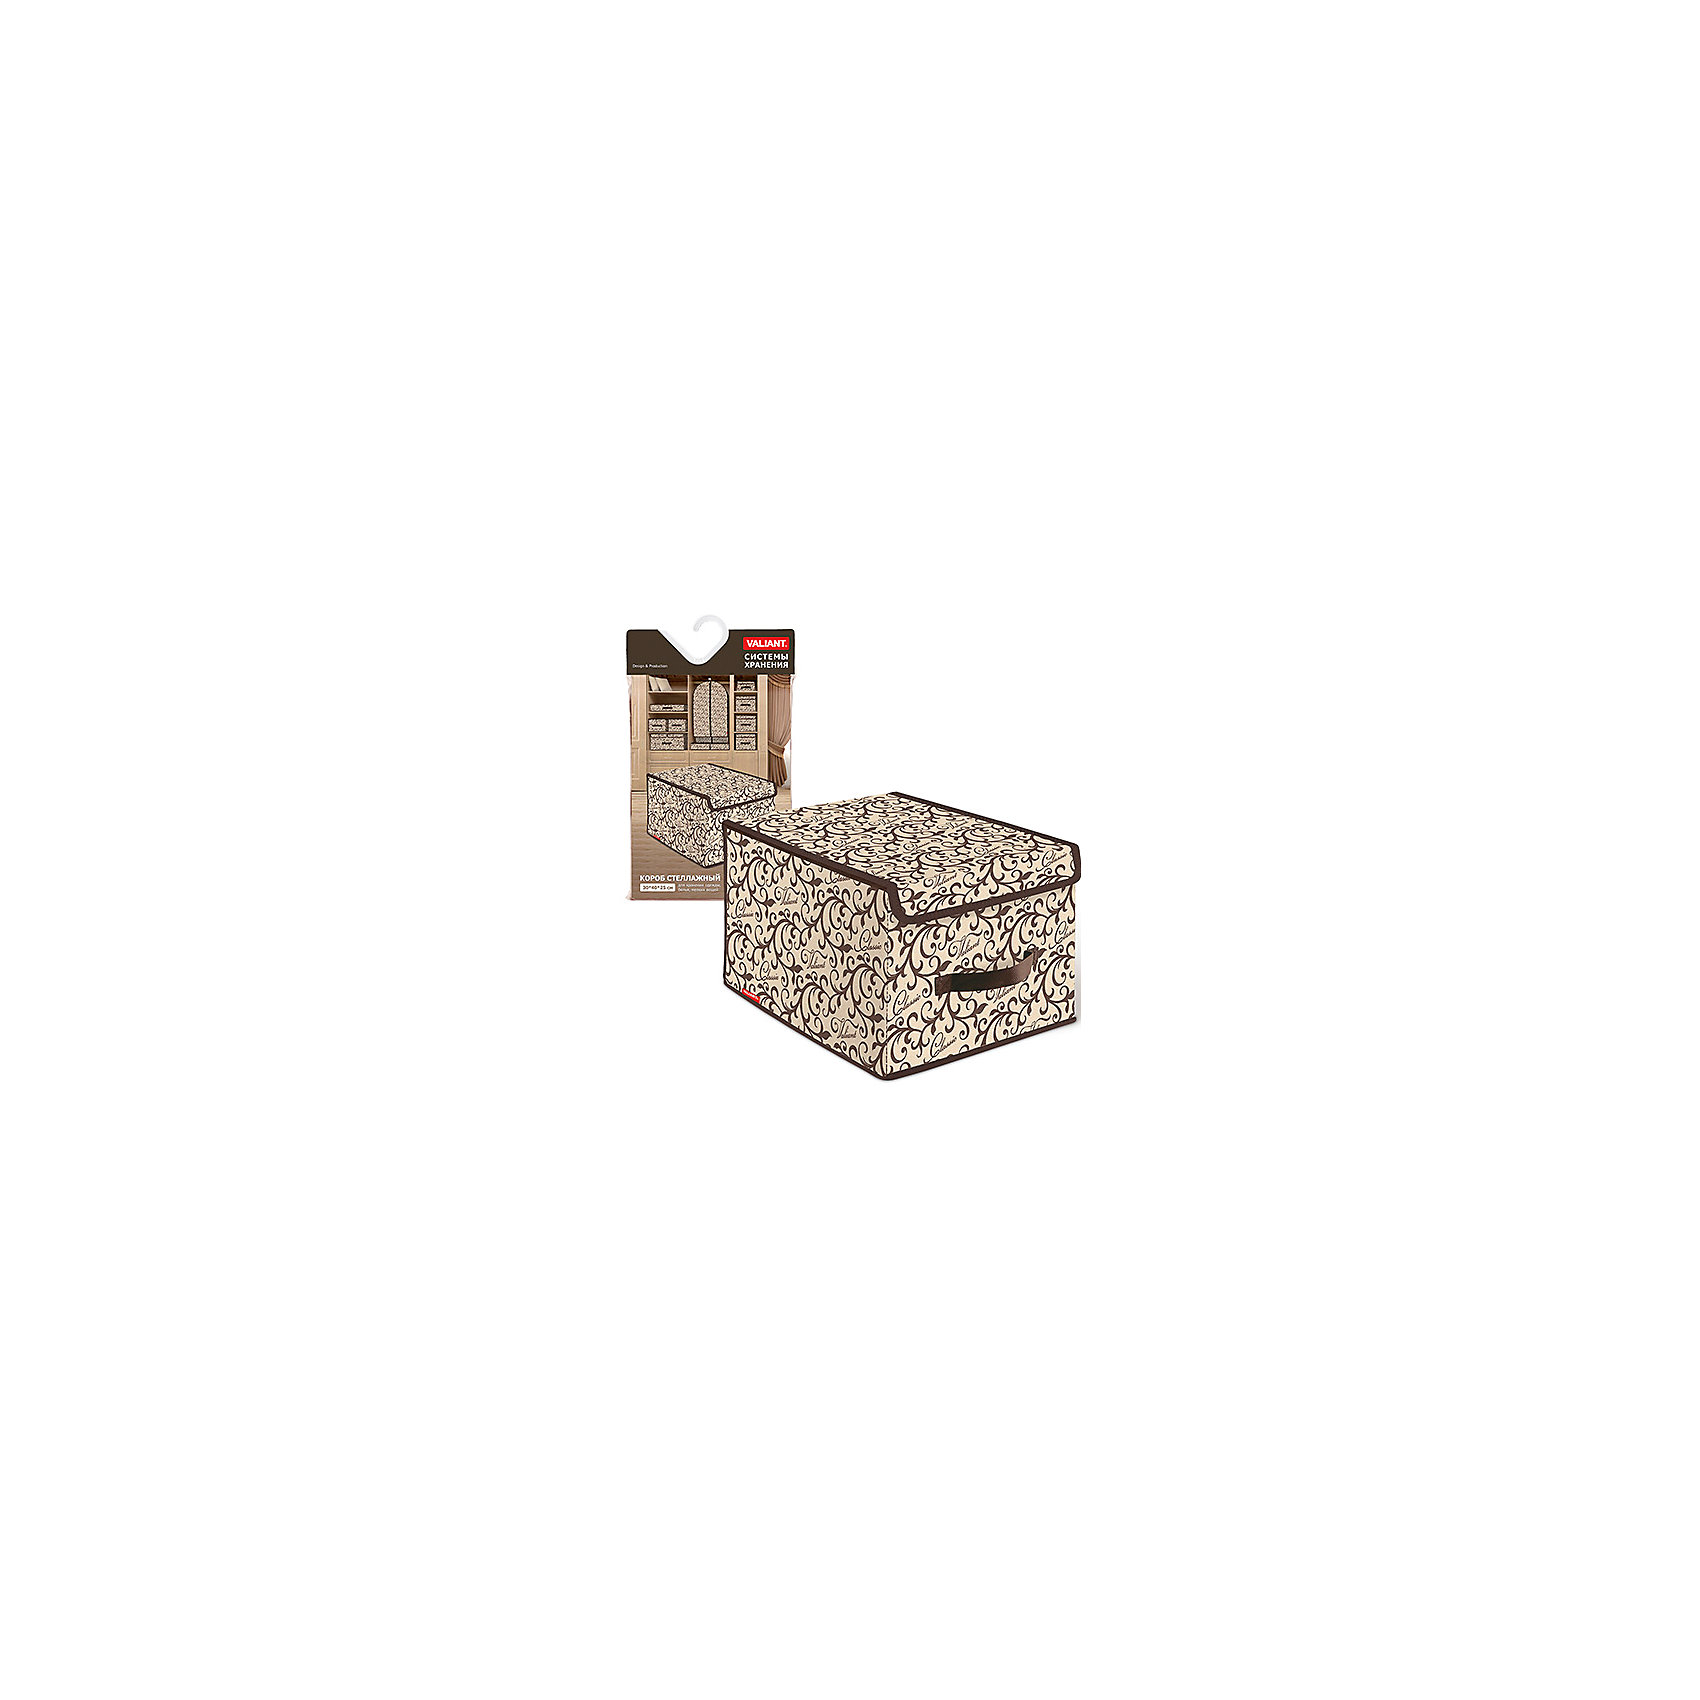 Короб стеллажный с крышкой, большой, 30*40*25 см, CLASSIC, ValiantКороб стеллажный с крышкой, большой, 30*40*25 см, CLASSIC, Valiant (Валиант) – это идеальное решение для хранения вещей.<br>Стеллажный короб CLASSIC от Valiant (Валиант) для хранения одежды, белья и аксессуаров поможет организовать пространство на полках, избавит от беспорядка и спрячет вещи от посторонних глаз. Он изготовлен из высококачественного нетканого материала, который обеспечивает естественную вентиляцию, позволяя воздуху проникать внутрь, но не пропускает пыль. Вставки из плотного картона хорошо держат форму. Крышка короба фиксируется с помощью специальных магнитов. Наличие ручки позволяет удобно размещать короб на полке. Изделие отличается мобильностью: легко раскладывается и складывается. Изысканный дизайн изделия придется по вкусу ценителям классического стиля. Специально для CLASSIC Collection дизайнеры Valiant (Валиант) разработали фирменный классический вензель. Изысканный узор, гармония изящных линий и благородное сочетание цветов составляет основу элегантного дизайна CLASSIC Collection. Система хранения Classic от Valiant (Валиант) гармонично вписывается в современный классический гардероб.<br><br>Дополнительная информация:<br><br>- Размер: 30х40х25 см.<br>- Материал: нетканый материал, картон<br>- Цвет: коричневый, бежевый<br><br>Короб стеллажный с крышкой, большой, 30*40*25 см, CLASSIC, Valiant (Валиант) можно купить в нашем интернет-магазине.<br><br>Ширина мм: 300<br>Глубина мм: 25<br>Высота мм: 500<br>Вес г: 722<br>Возраст от месяцев: 36<br>Возраст до месяцев: 1080<br>Пол: Унисекс<br>Возраст: Детский<br>SKU: 4993405